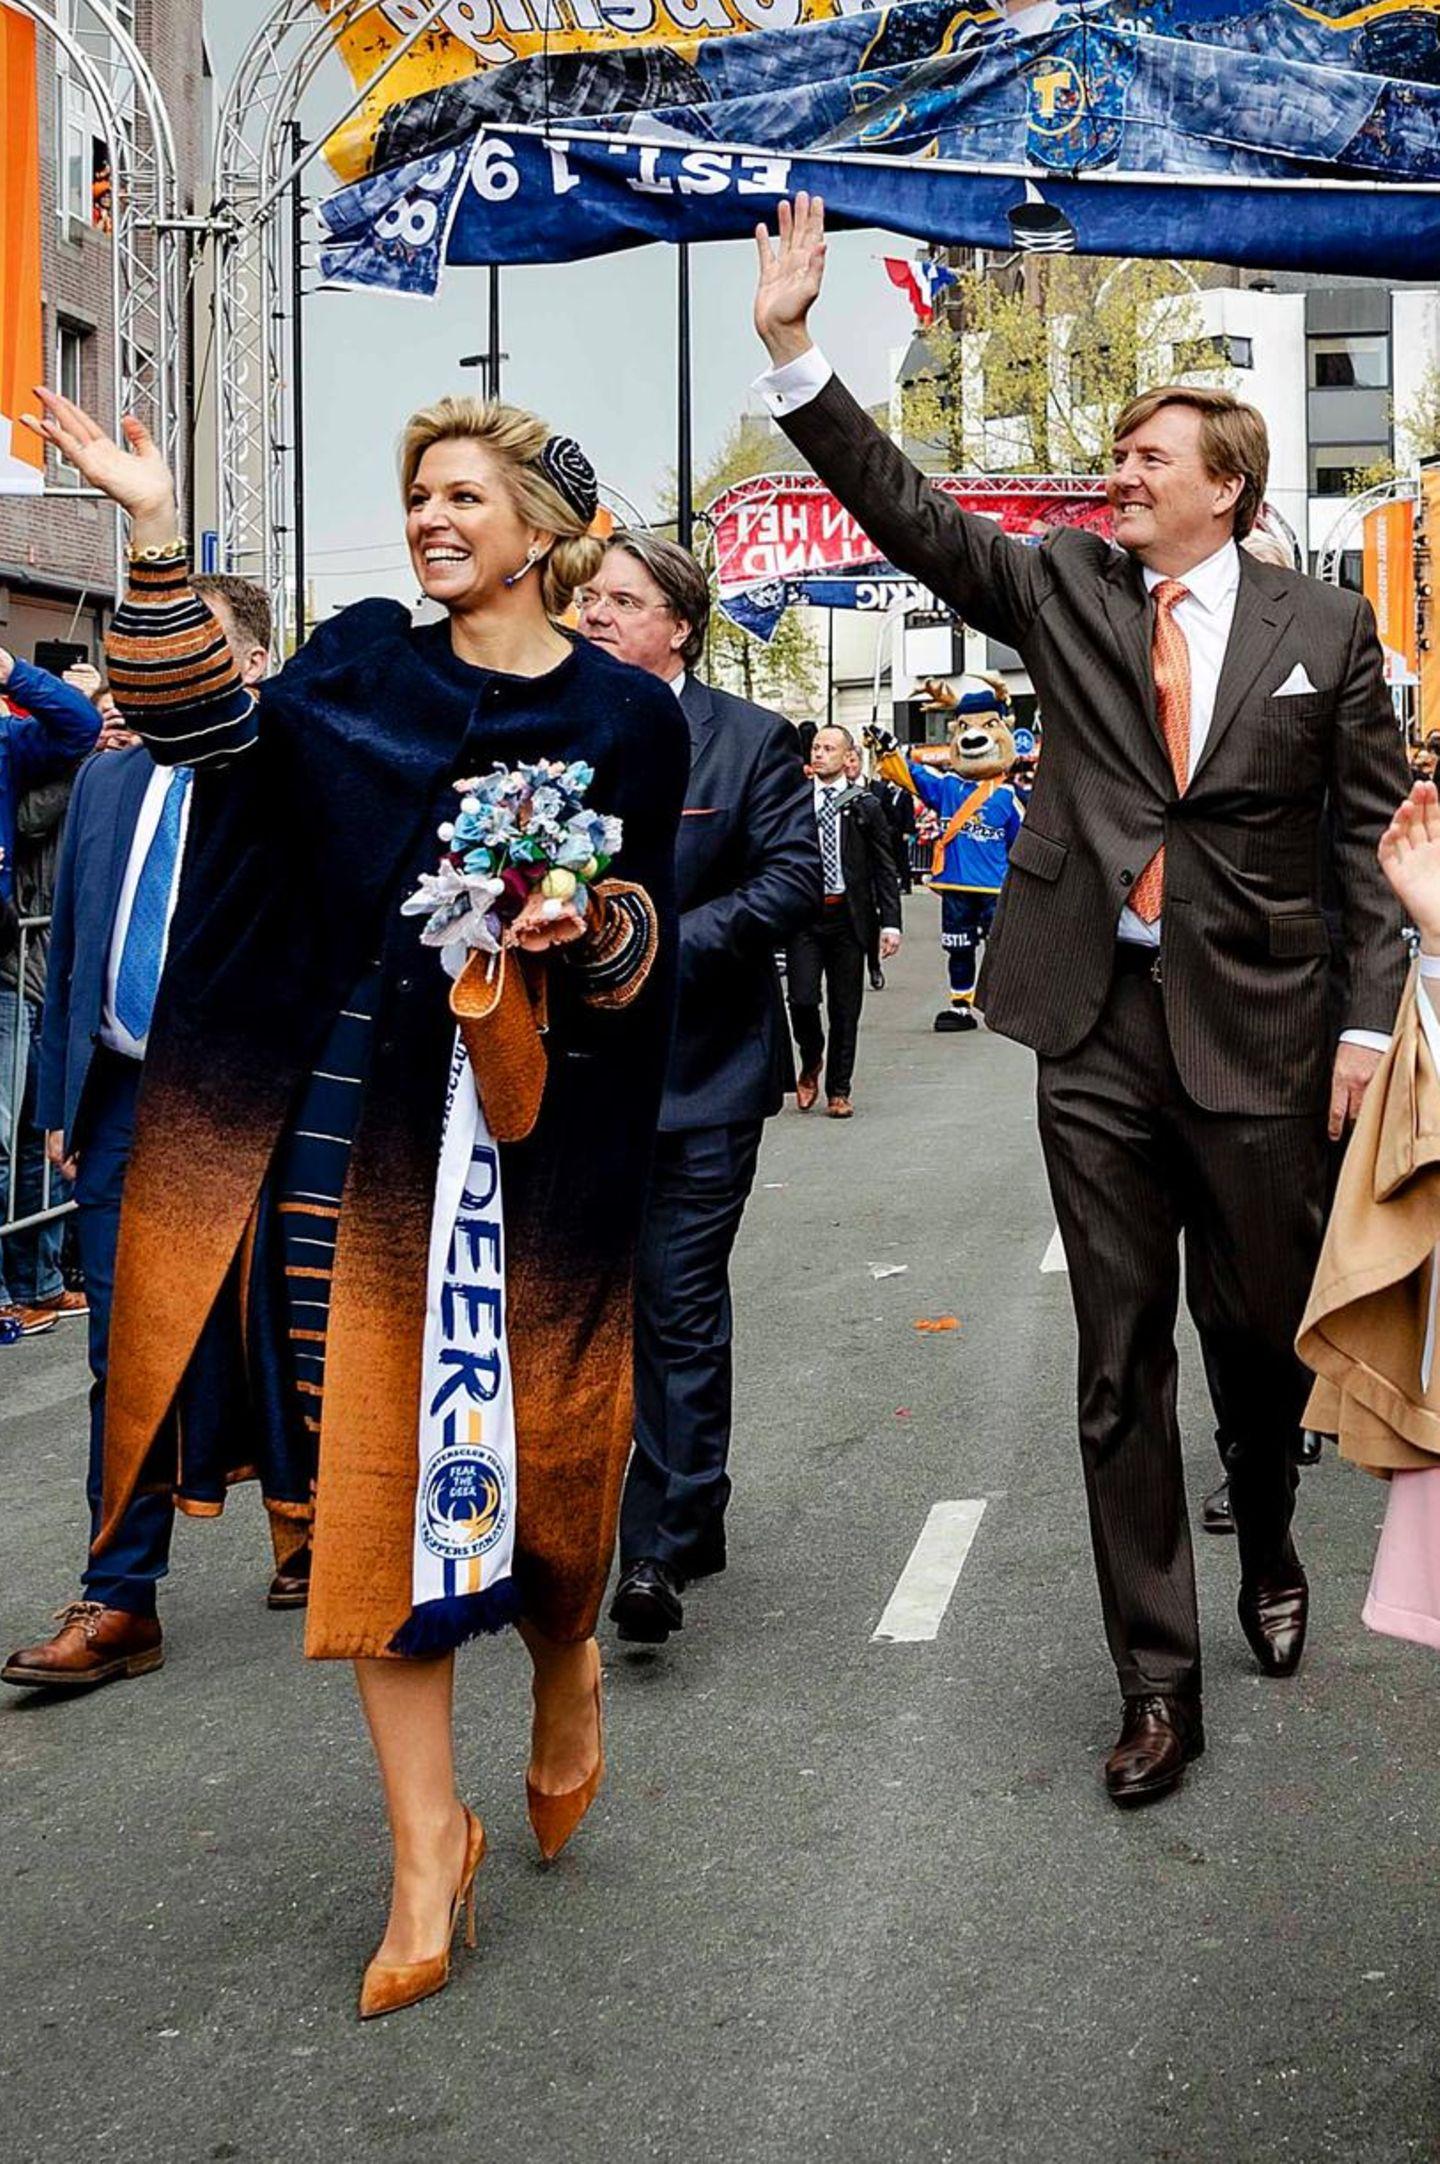 Königstag 2017  Tausende von Niederländern sind nach Tilburg gekommen, um dem König zu gratulieren und säumen die geschmückten Straßen.